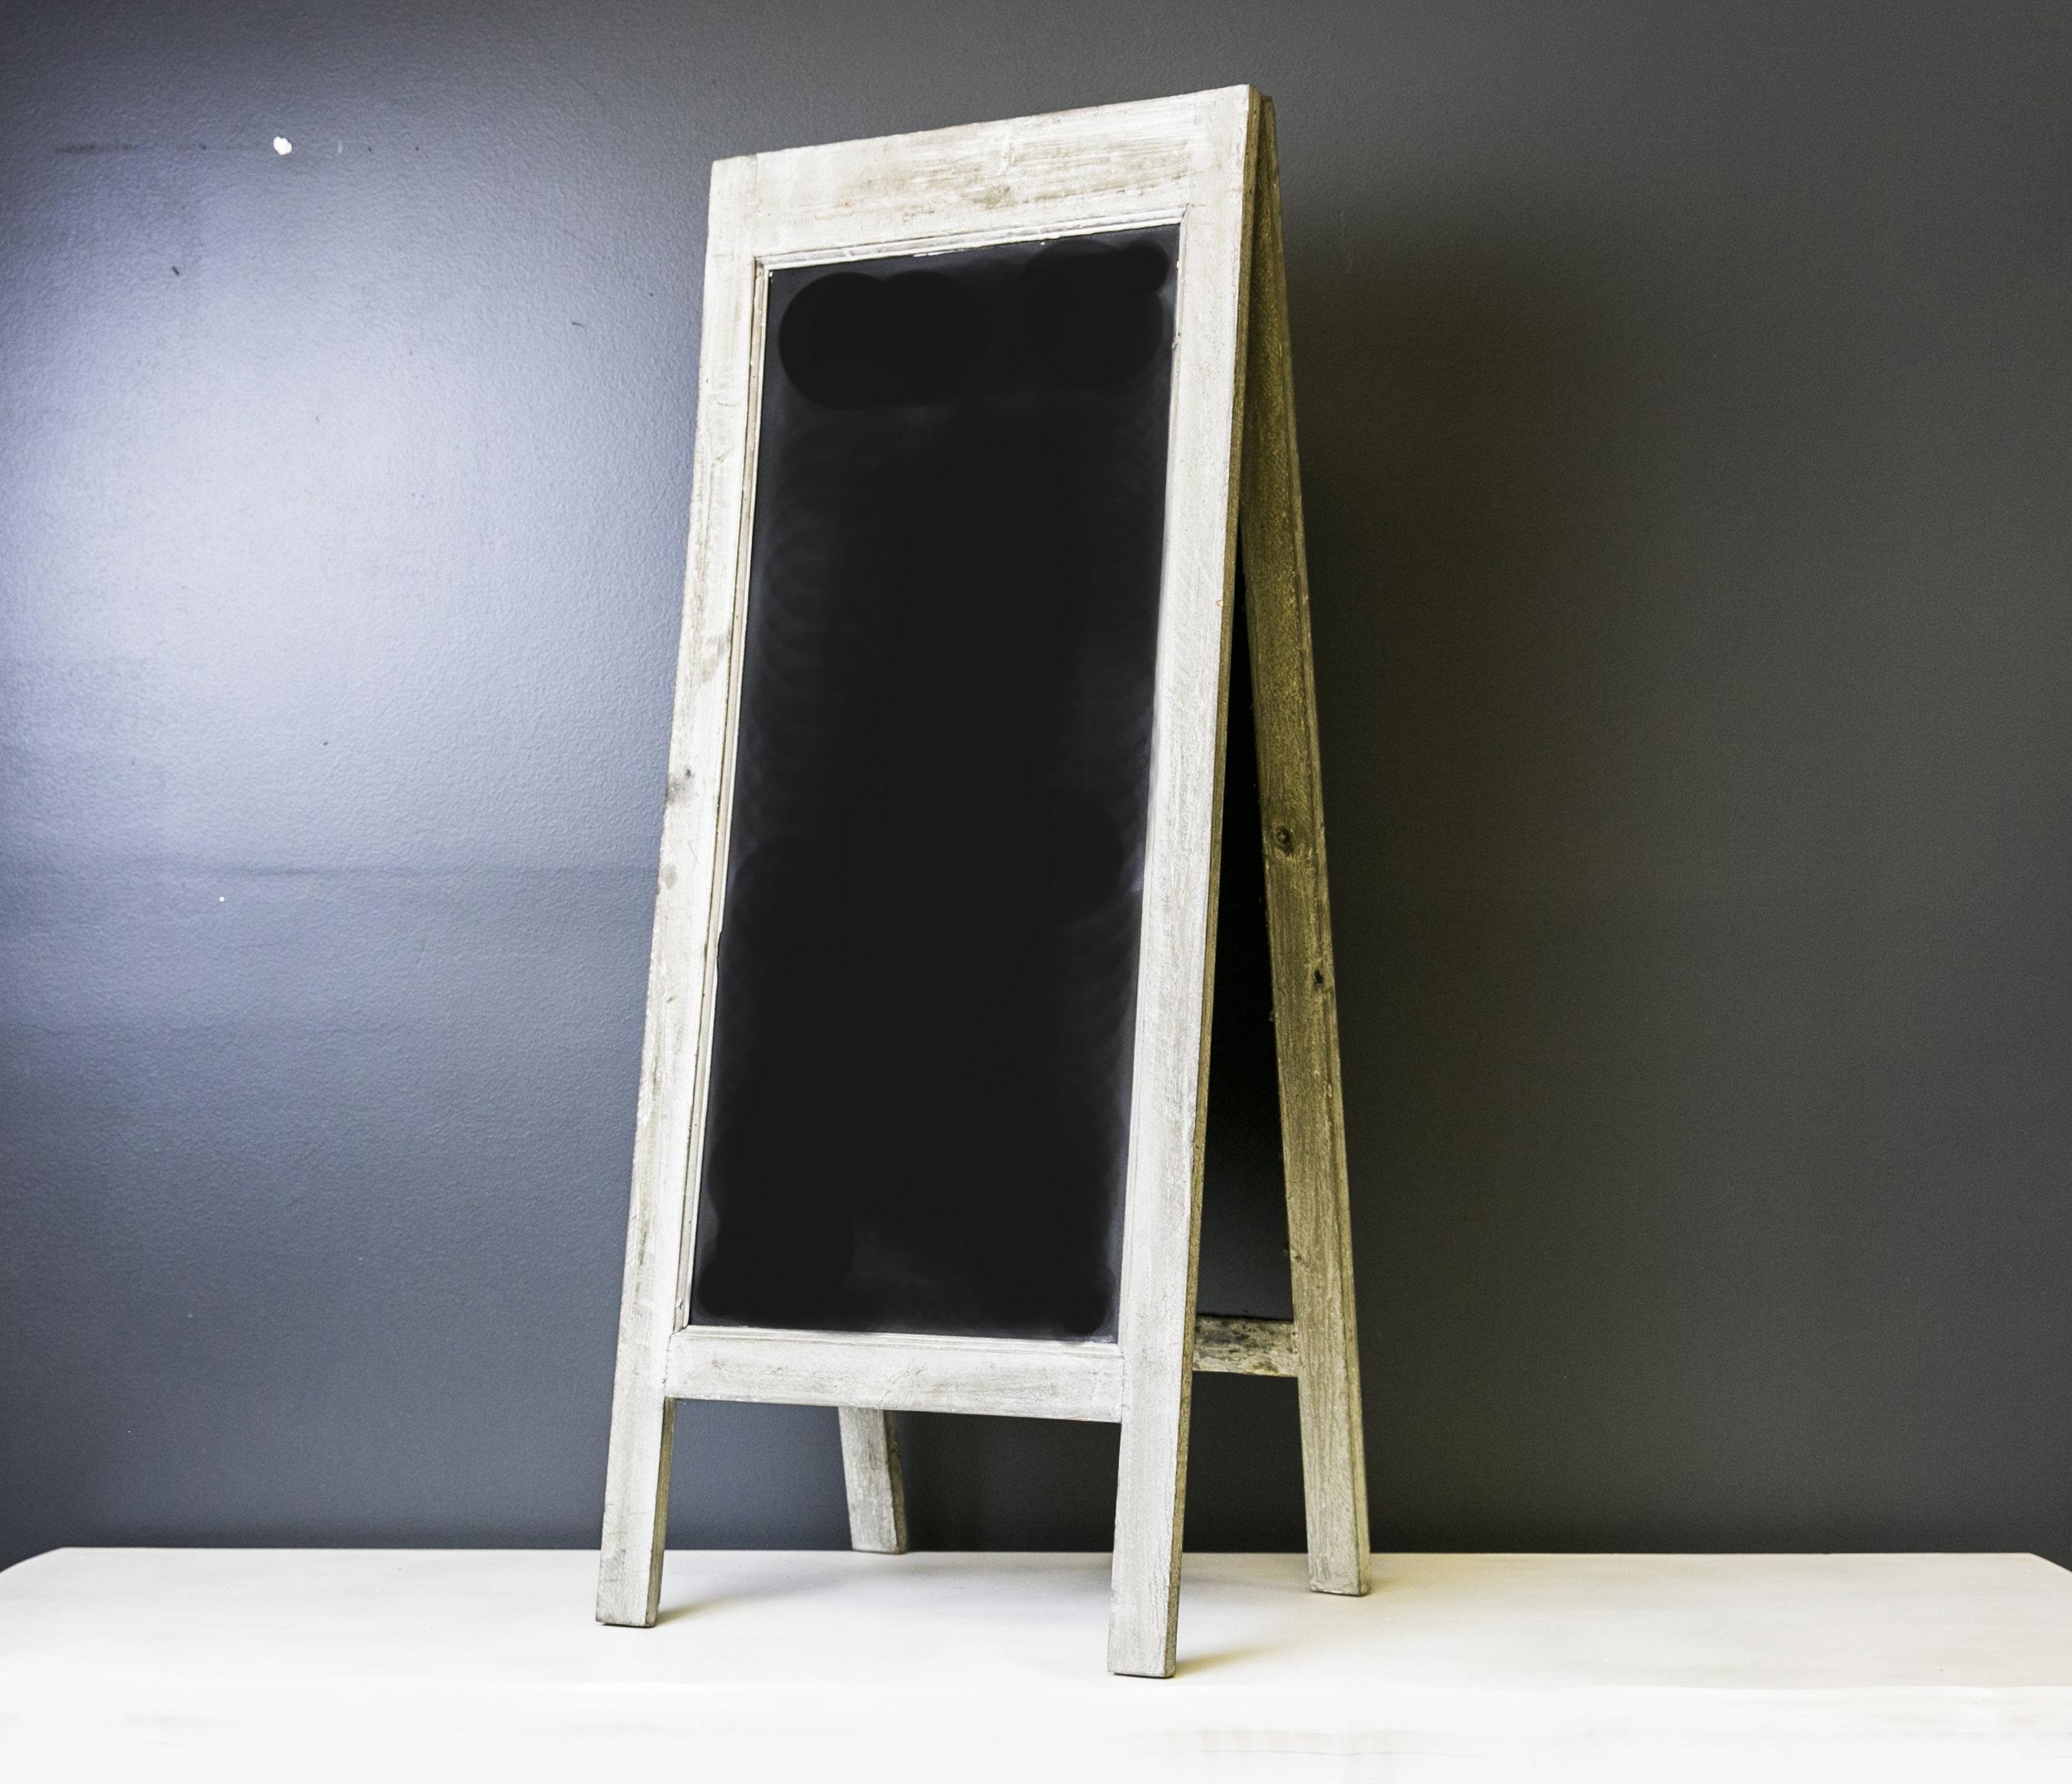 Bennet A-Frame Chalkboard (White - Large)